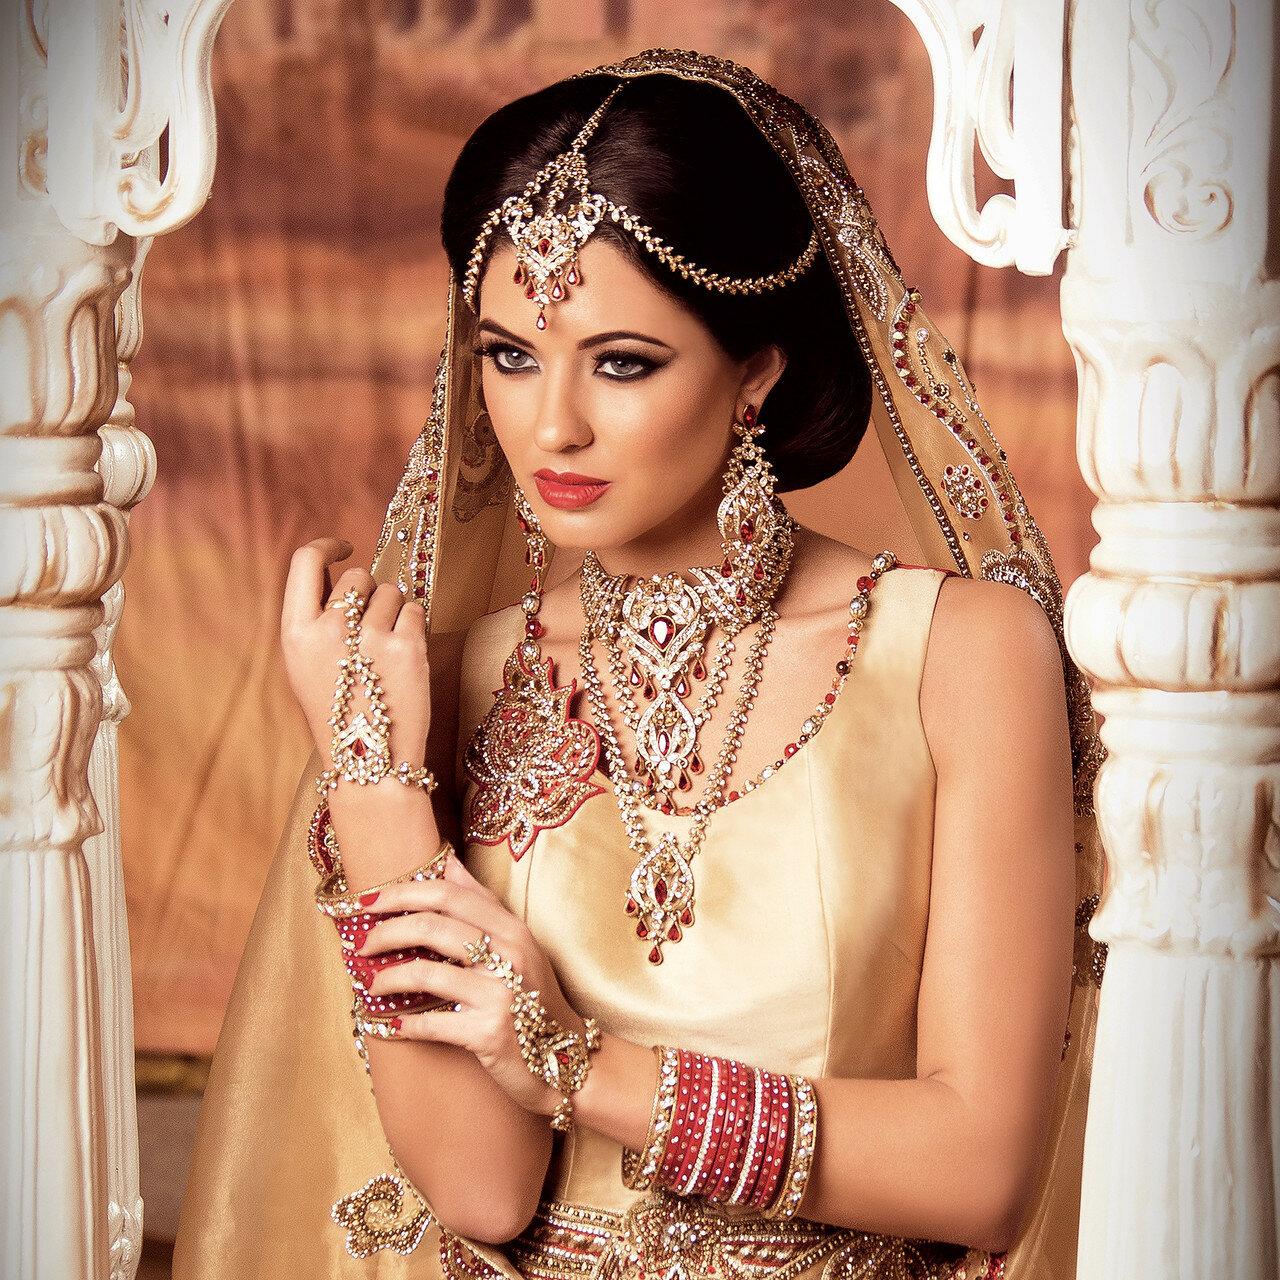 Красивые девушки индианки фота